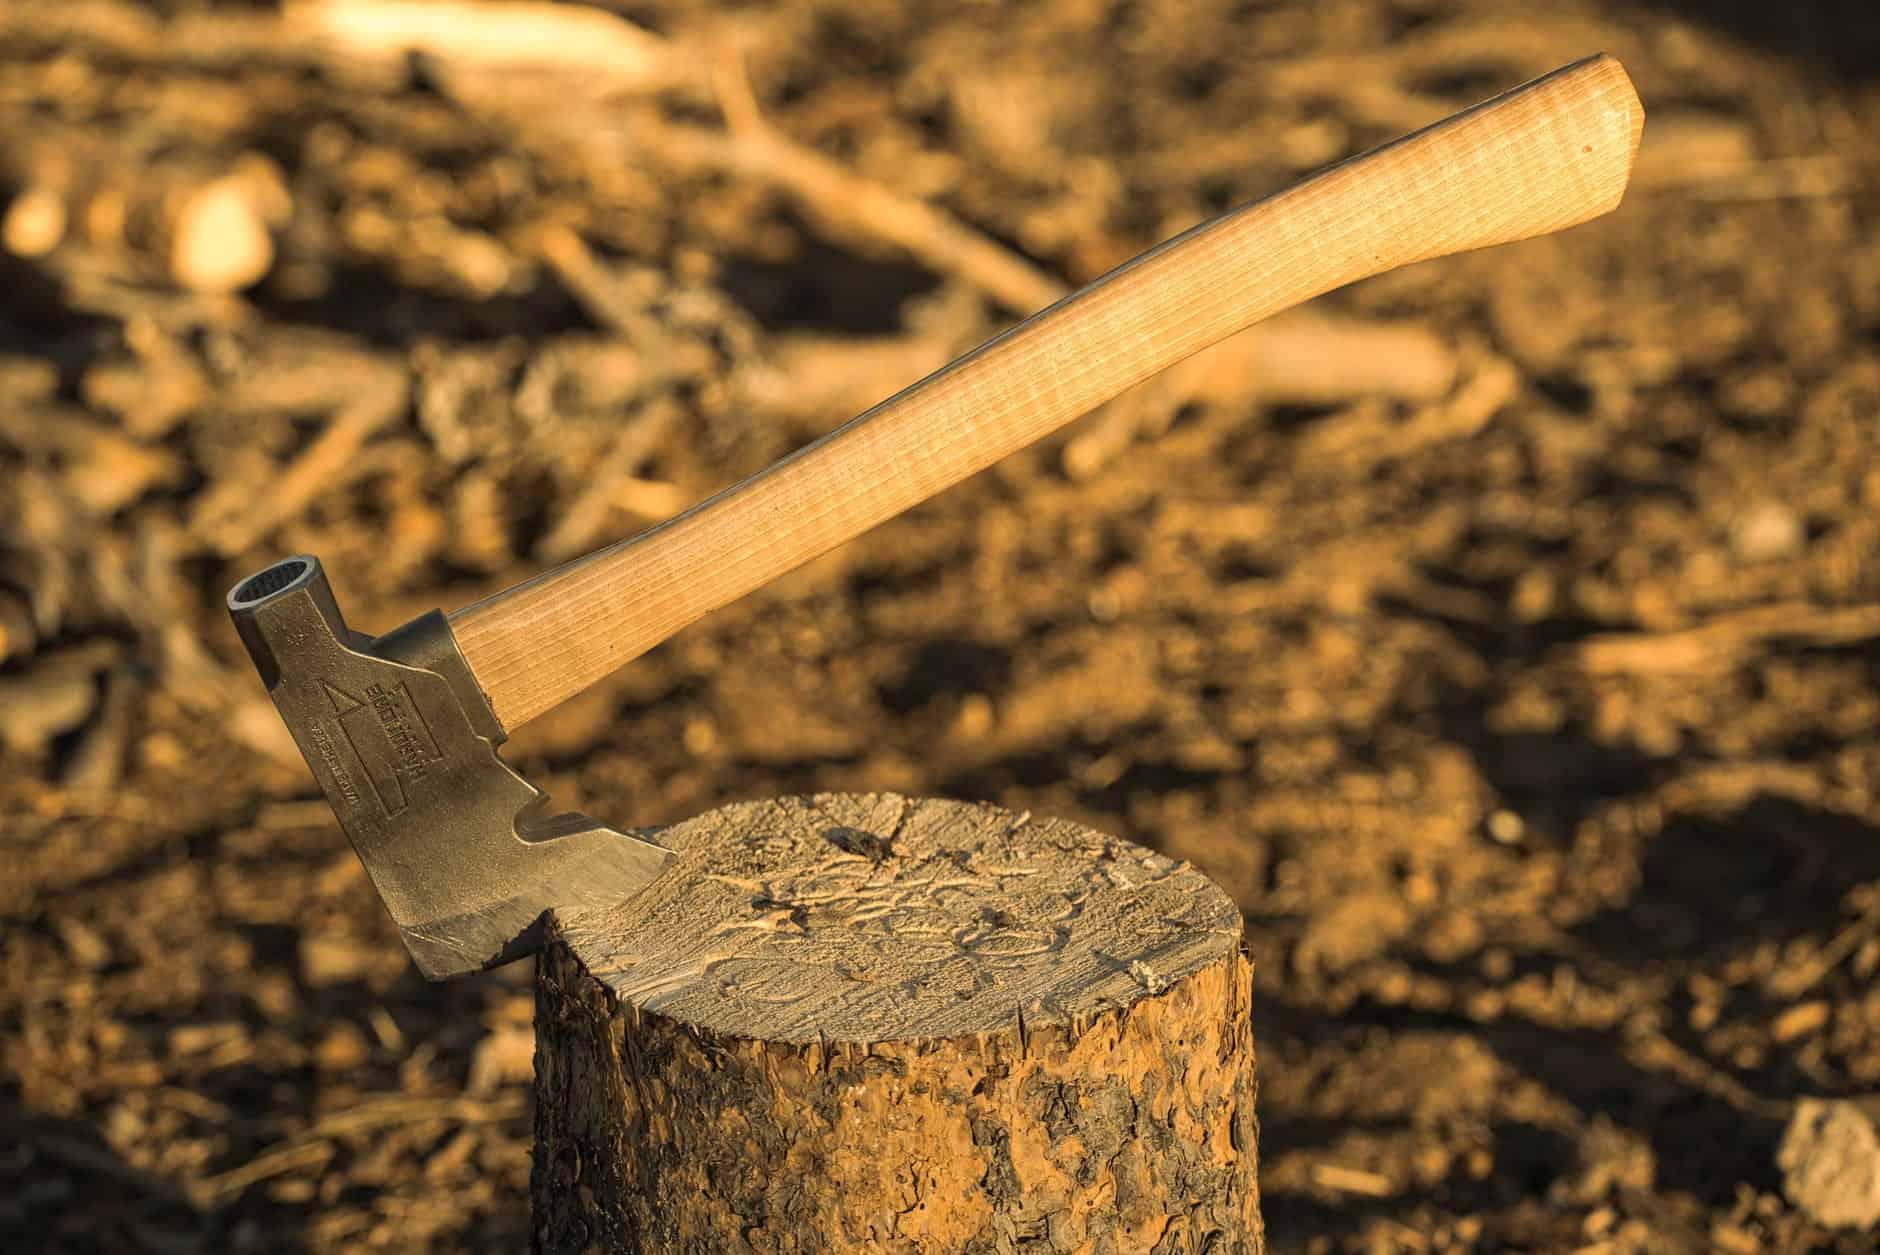 shallow focus photo of axe on tree stump